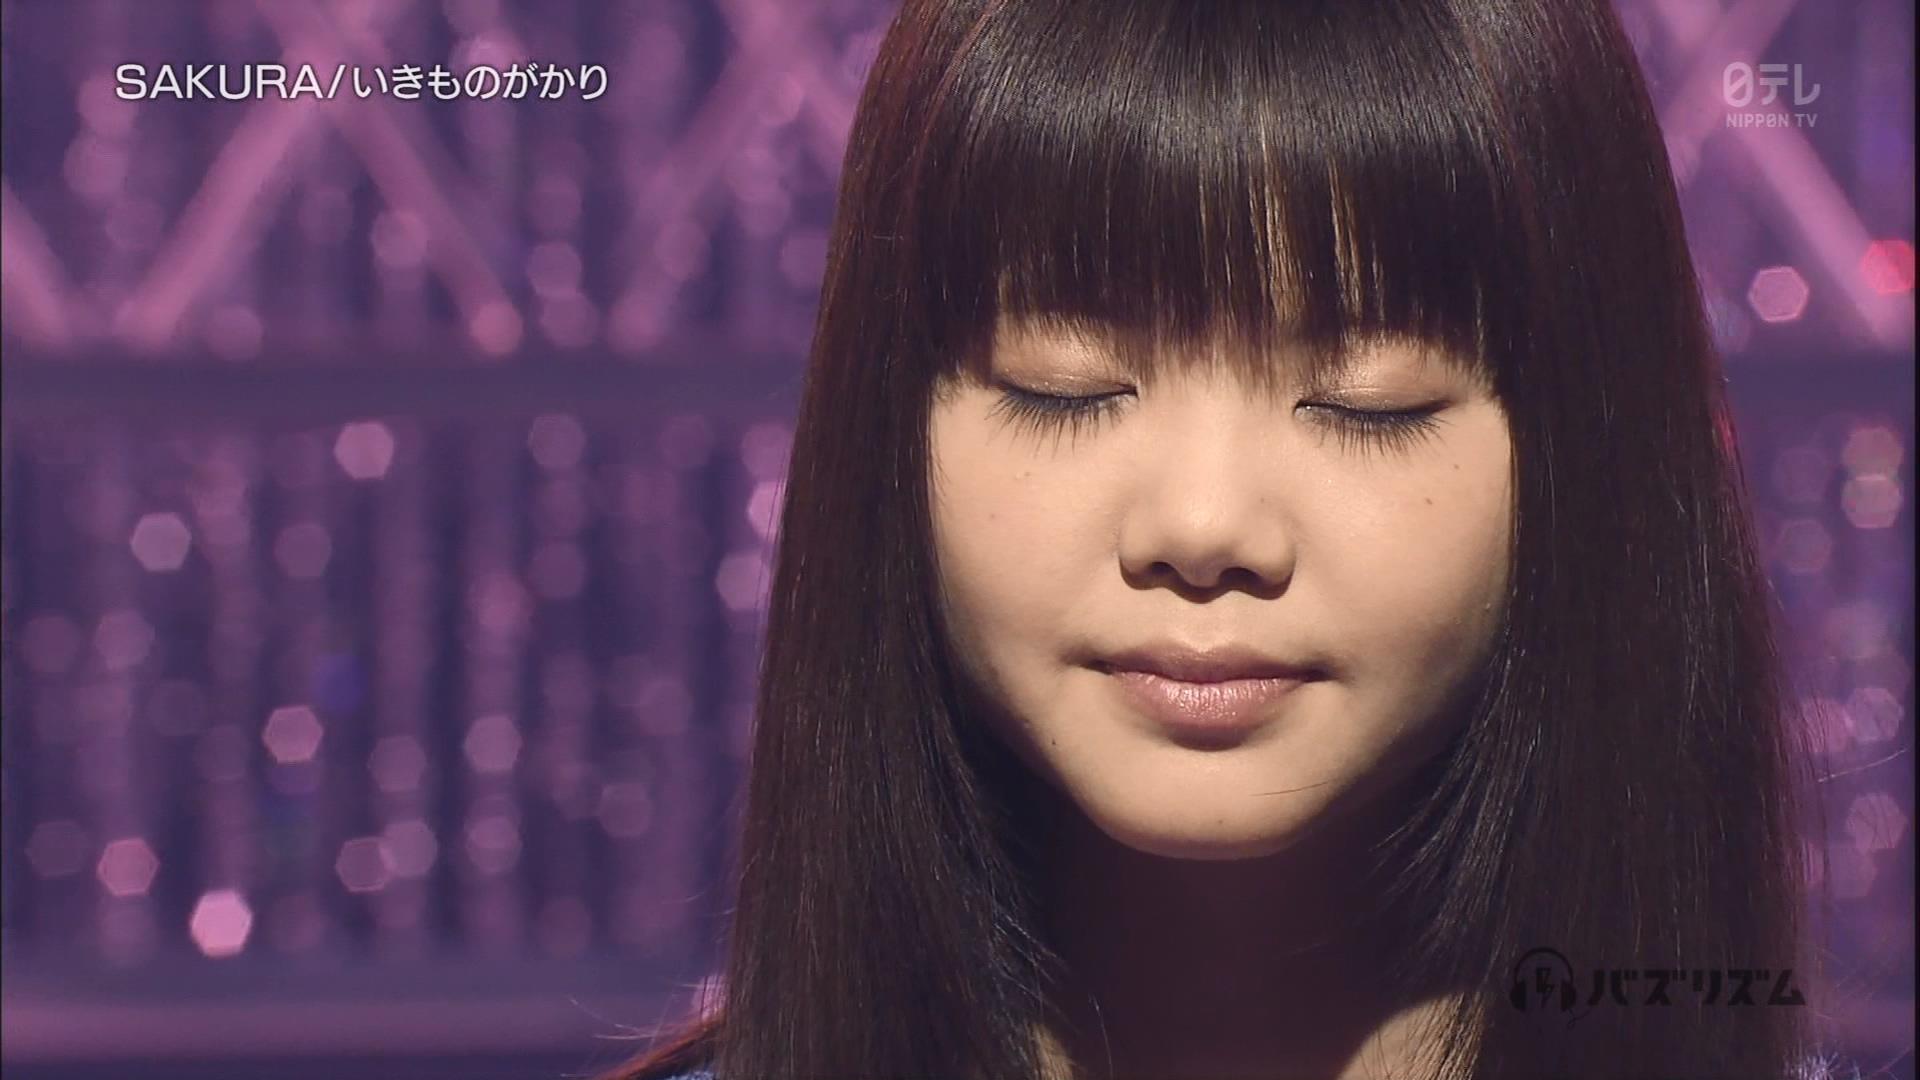 2016.03.11 全場(バズリズム).ts_20160312_021953.051